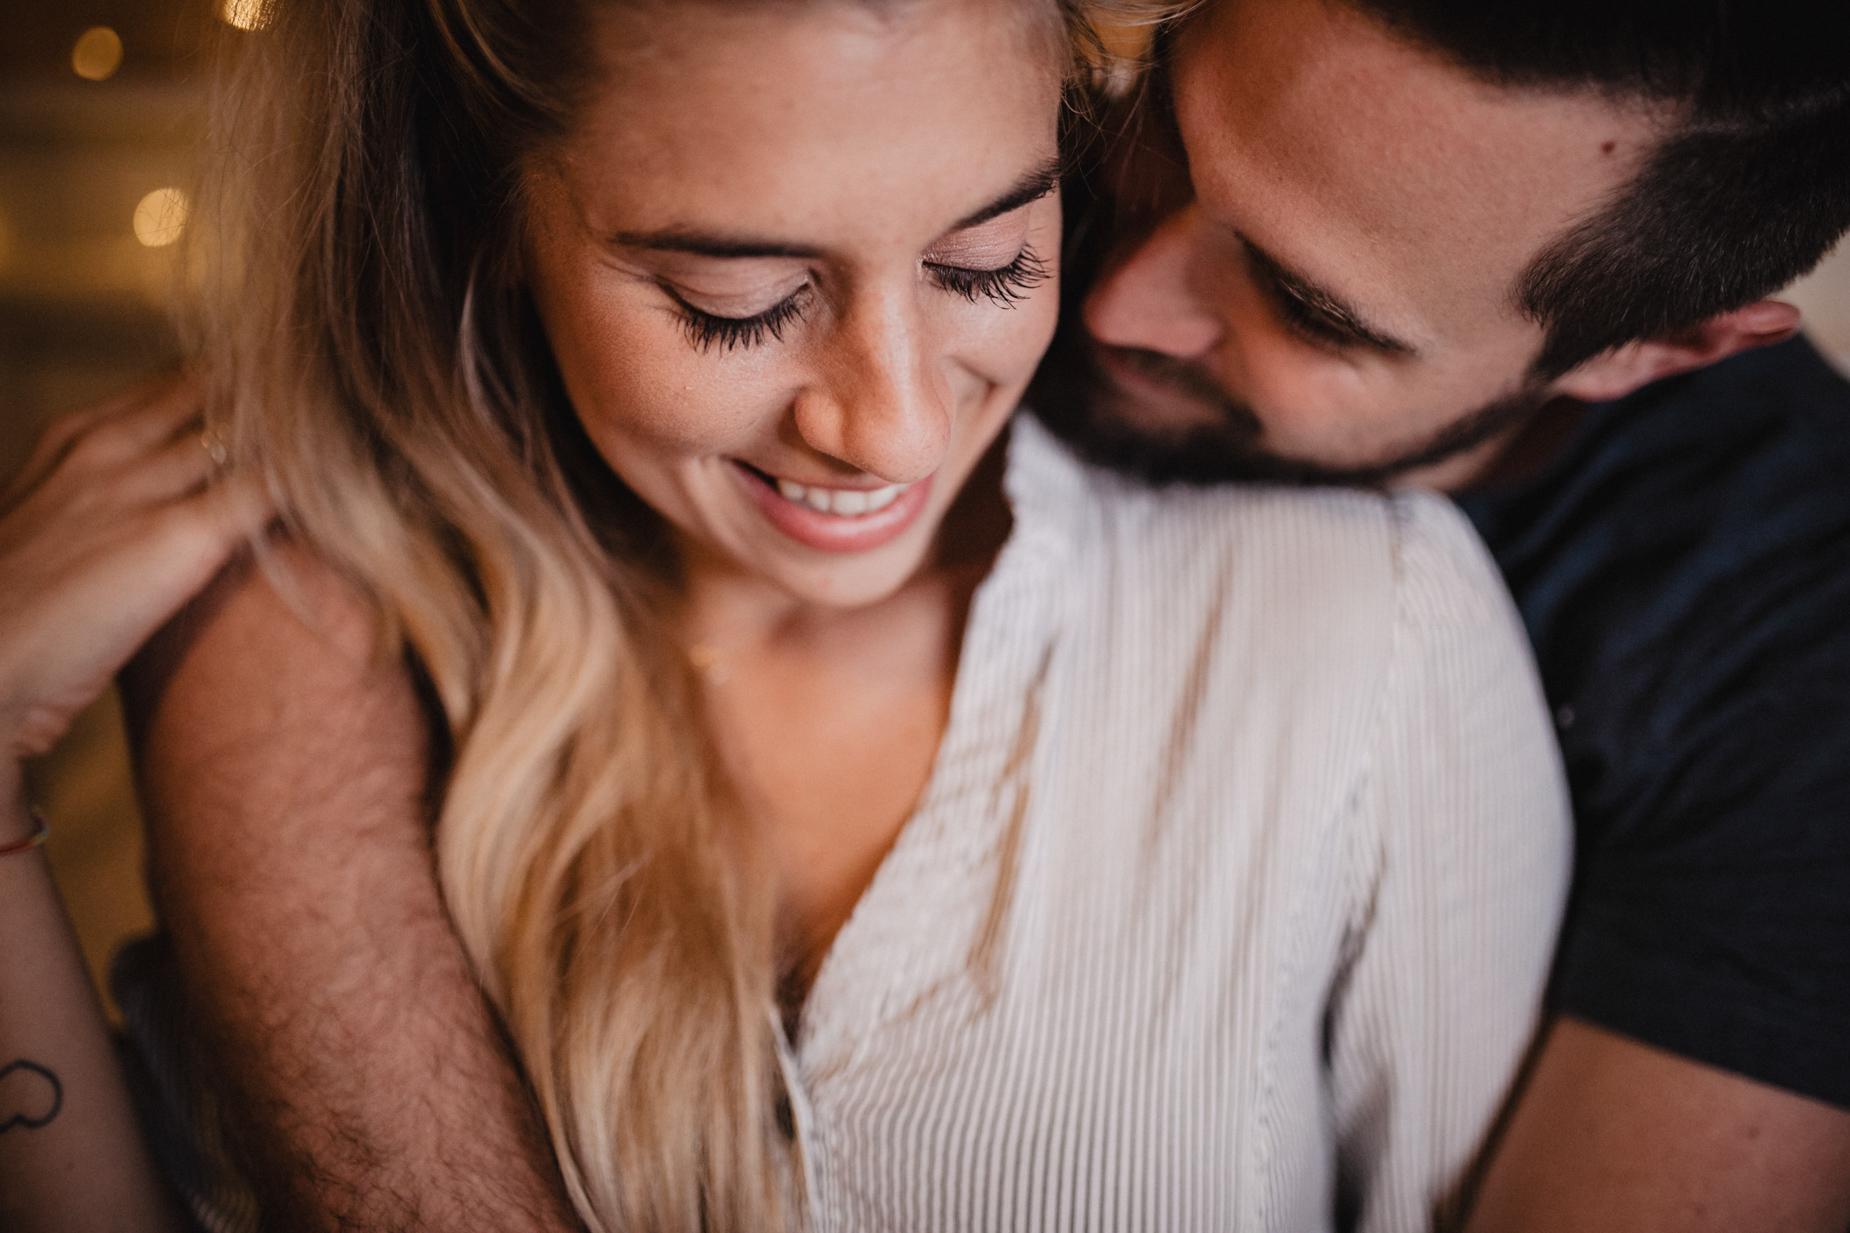 Homestorie-Paarshooting-Basel-Couplesession-Fotoshooting-Verlobungsshooting-11.jpg